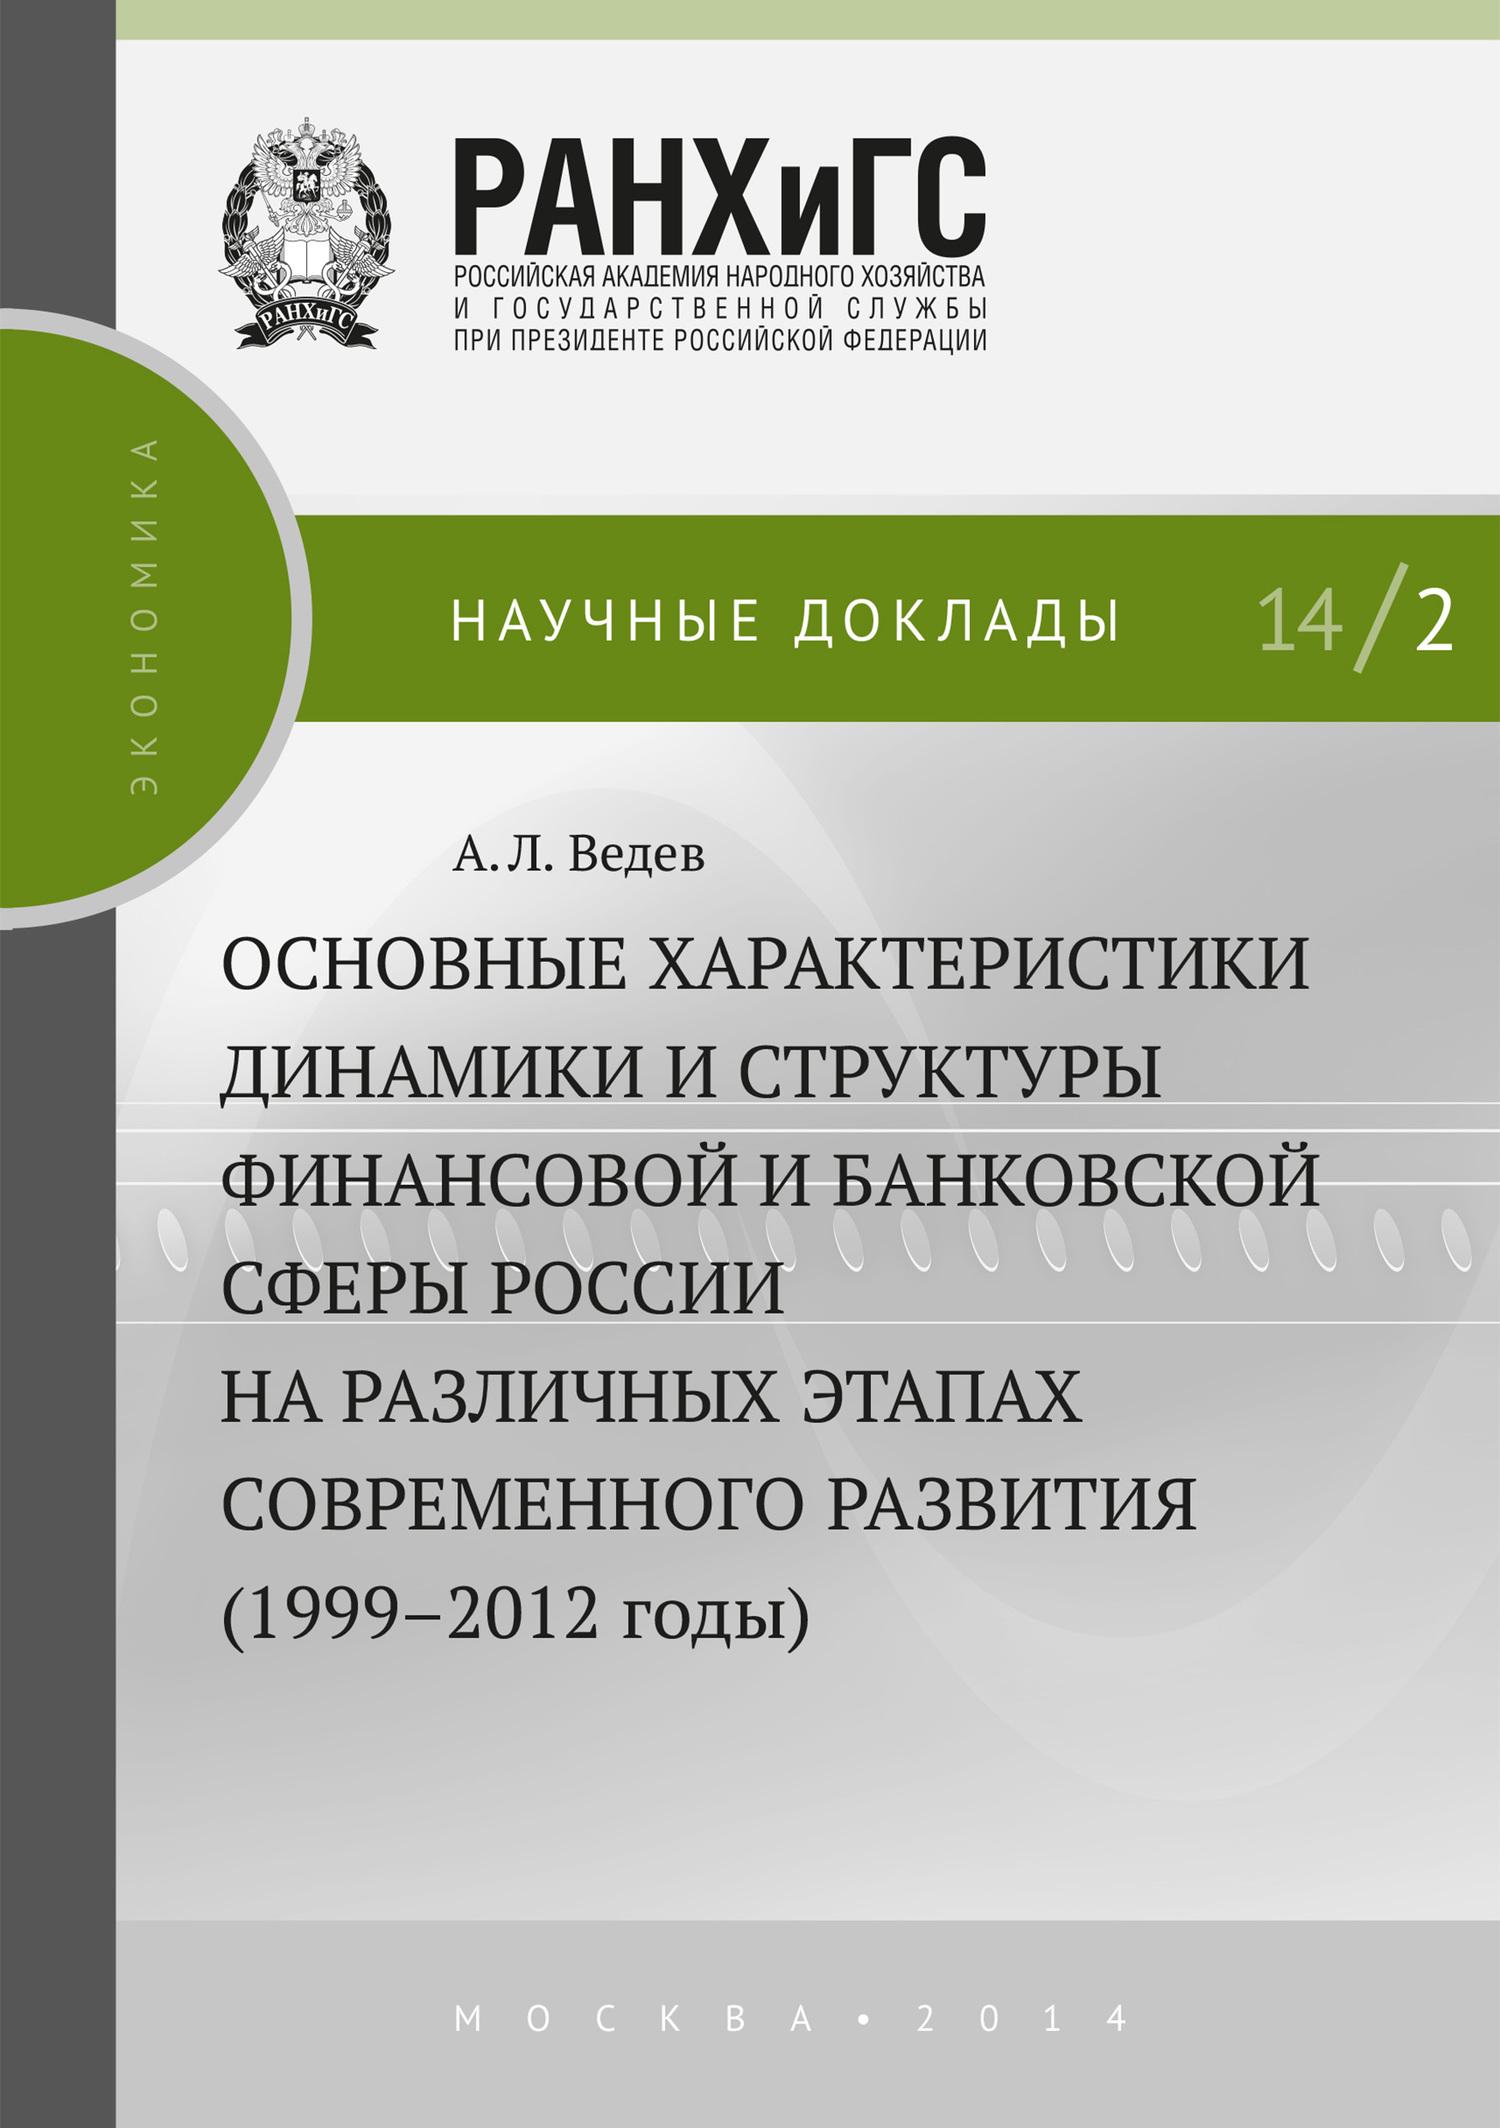 Основные характеристики динамики и структуры финансовой и банковской сферы России на различных этапах современного развития (1999–2012 годы)